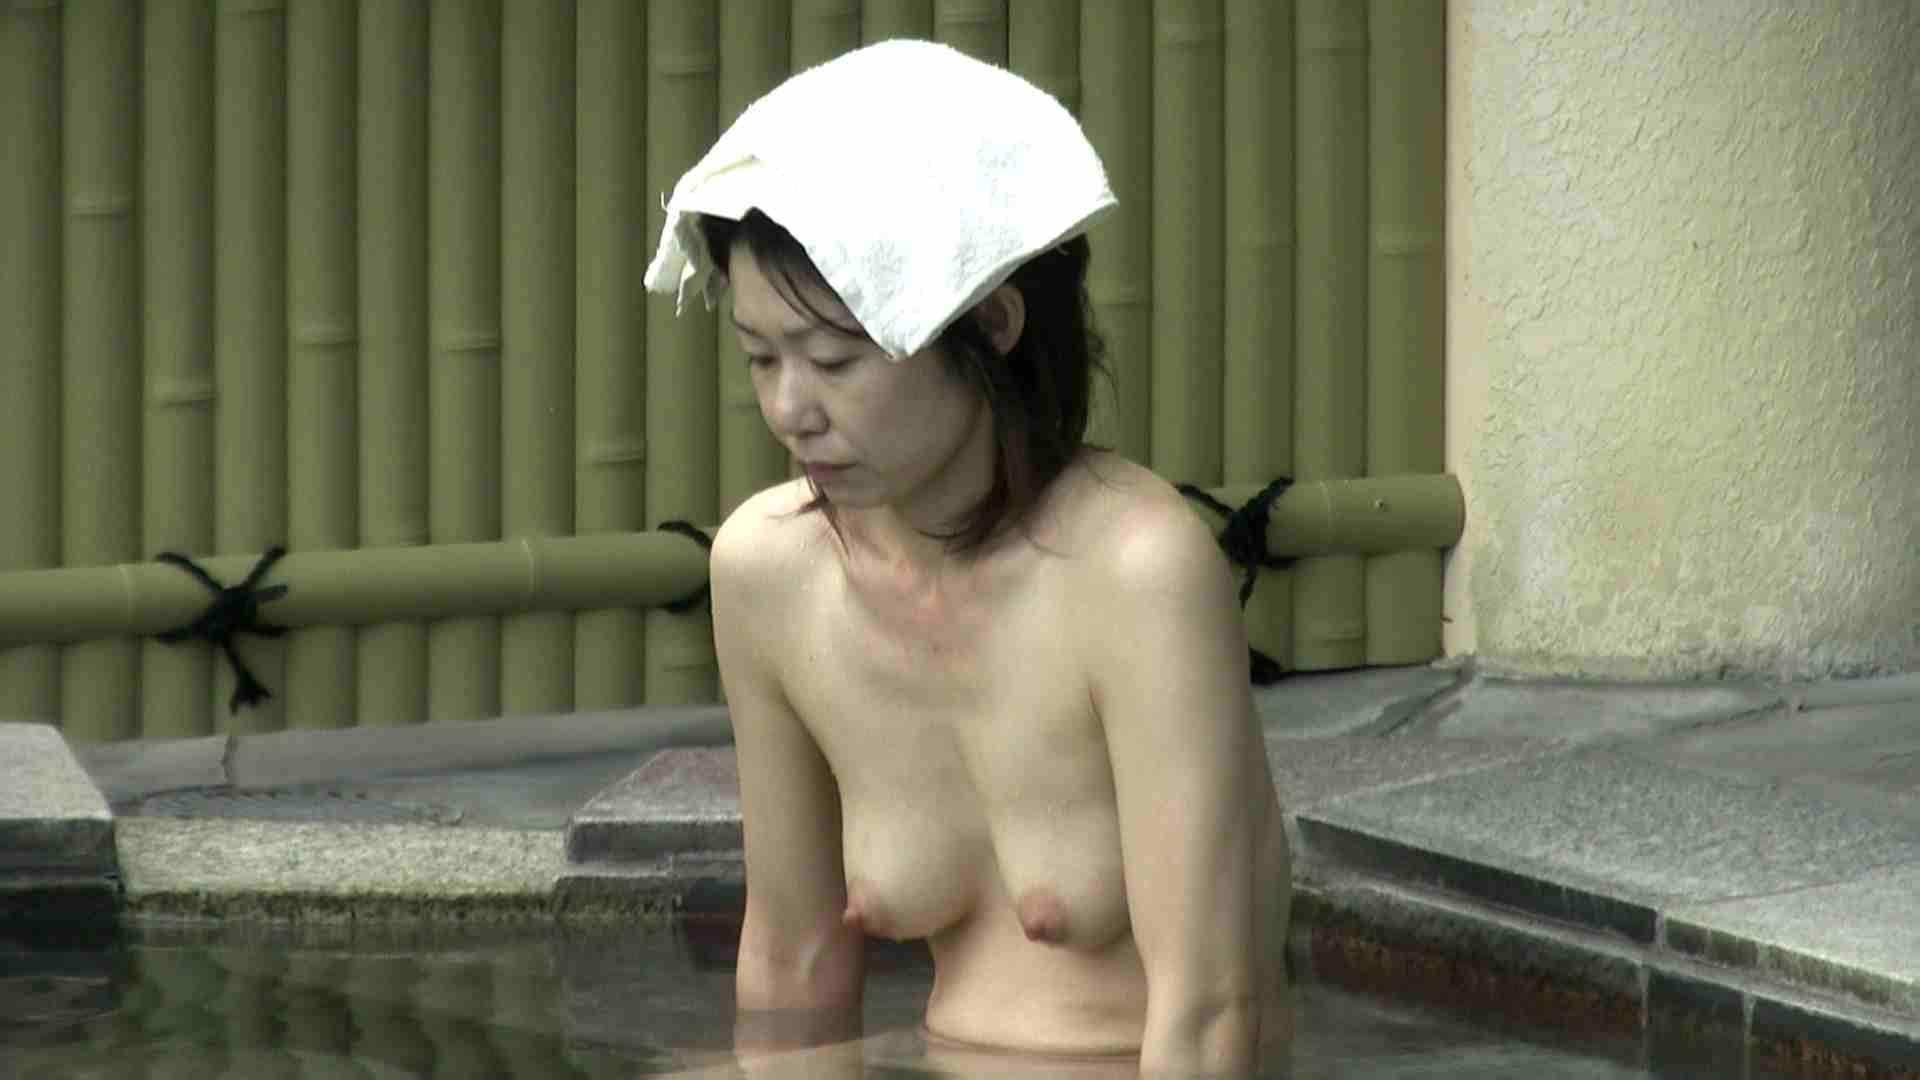 Aquaな露天風呂Vol.658 OLのプライベート | 露天  11pic 10